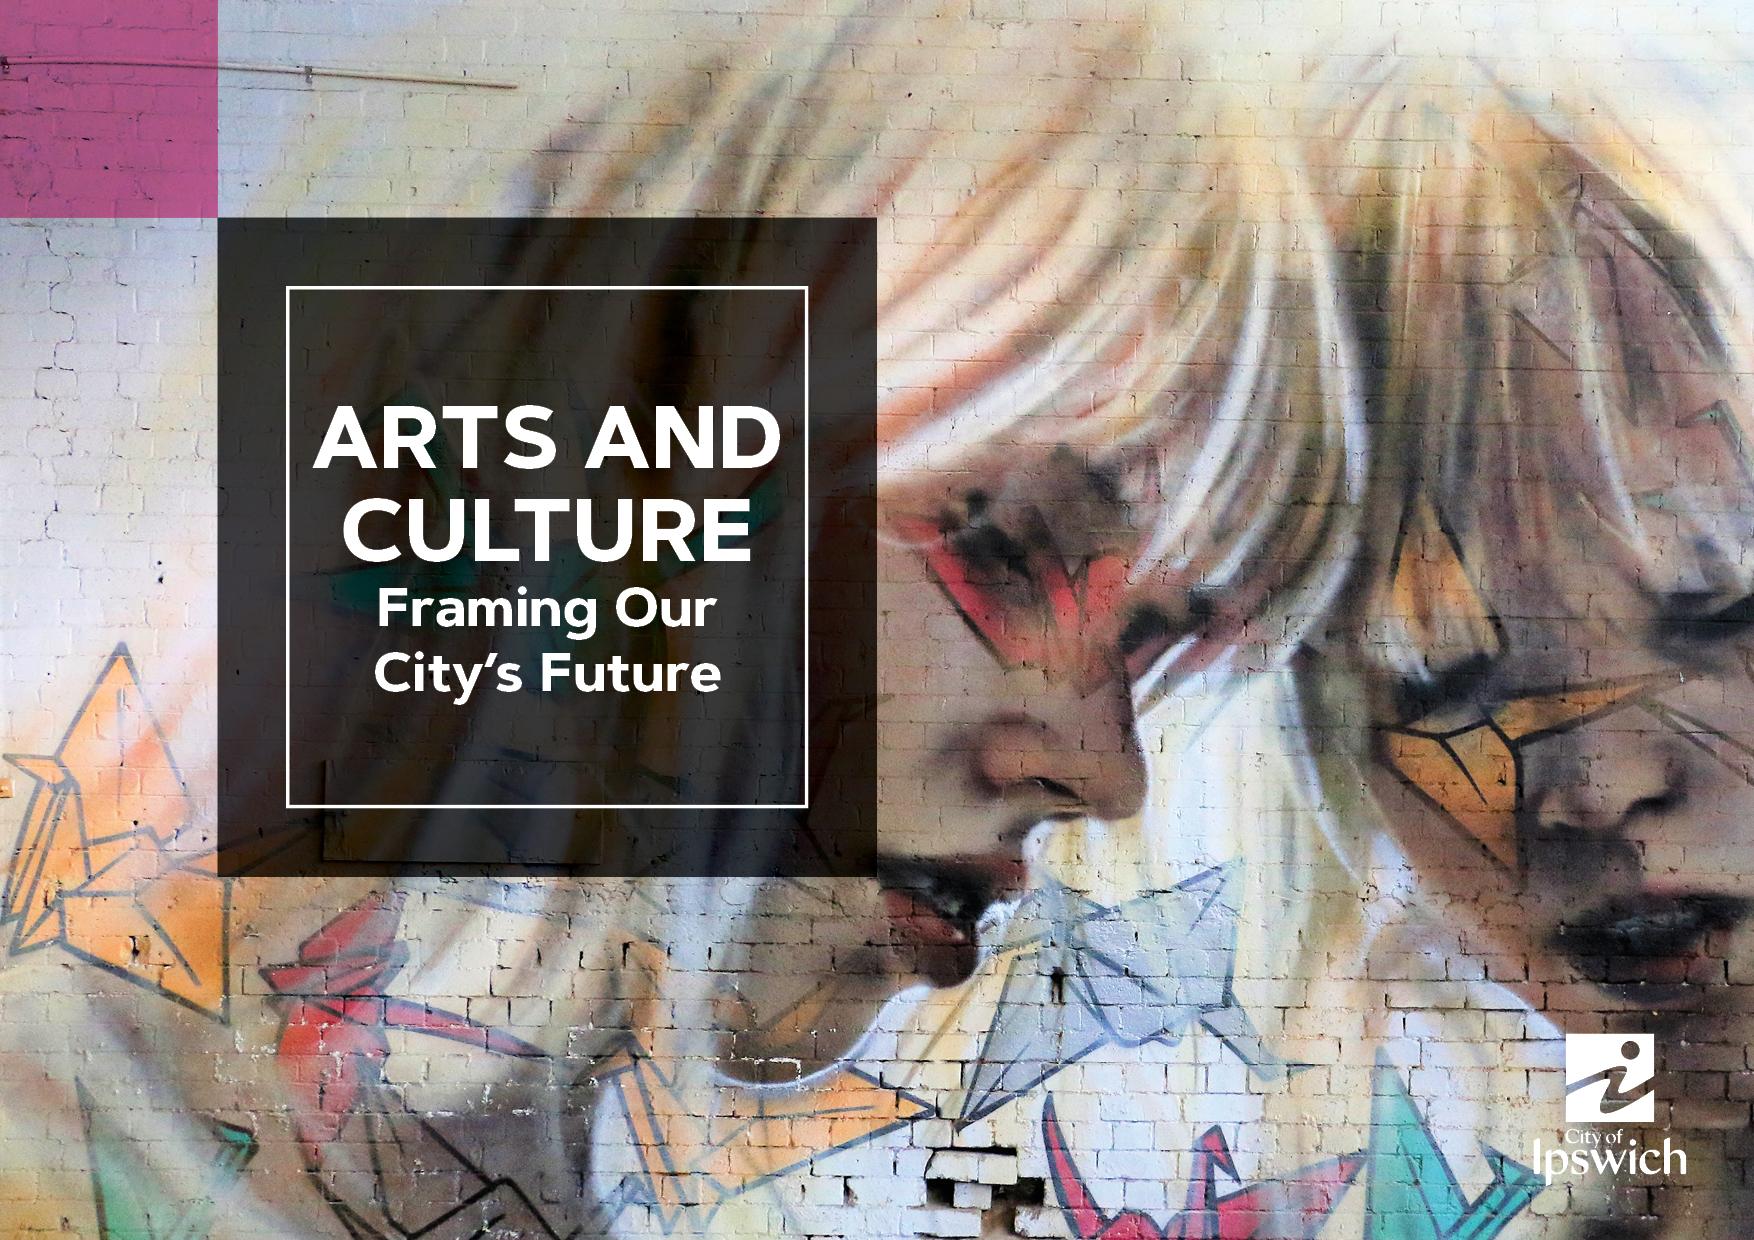 culturas and artes